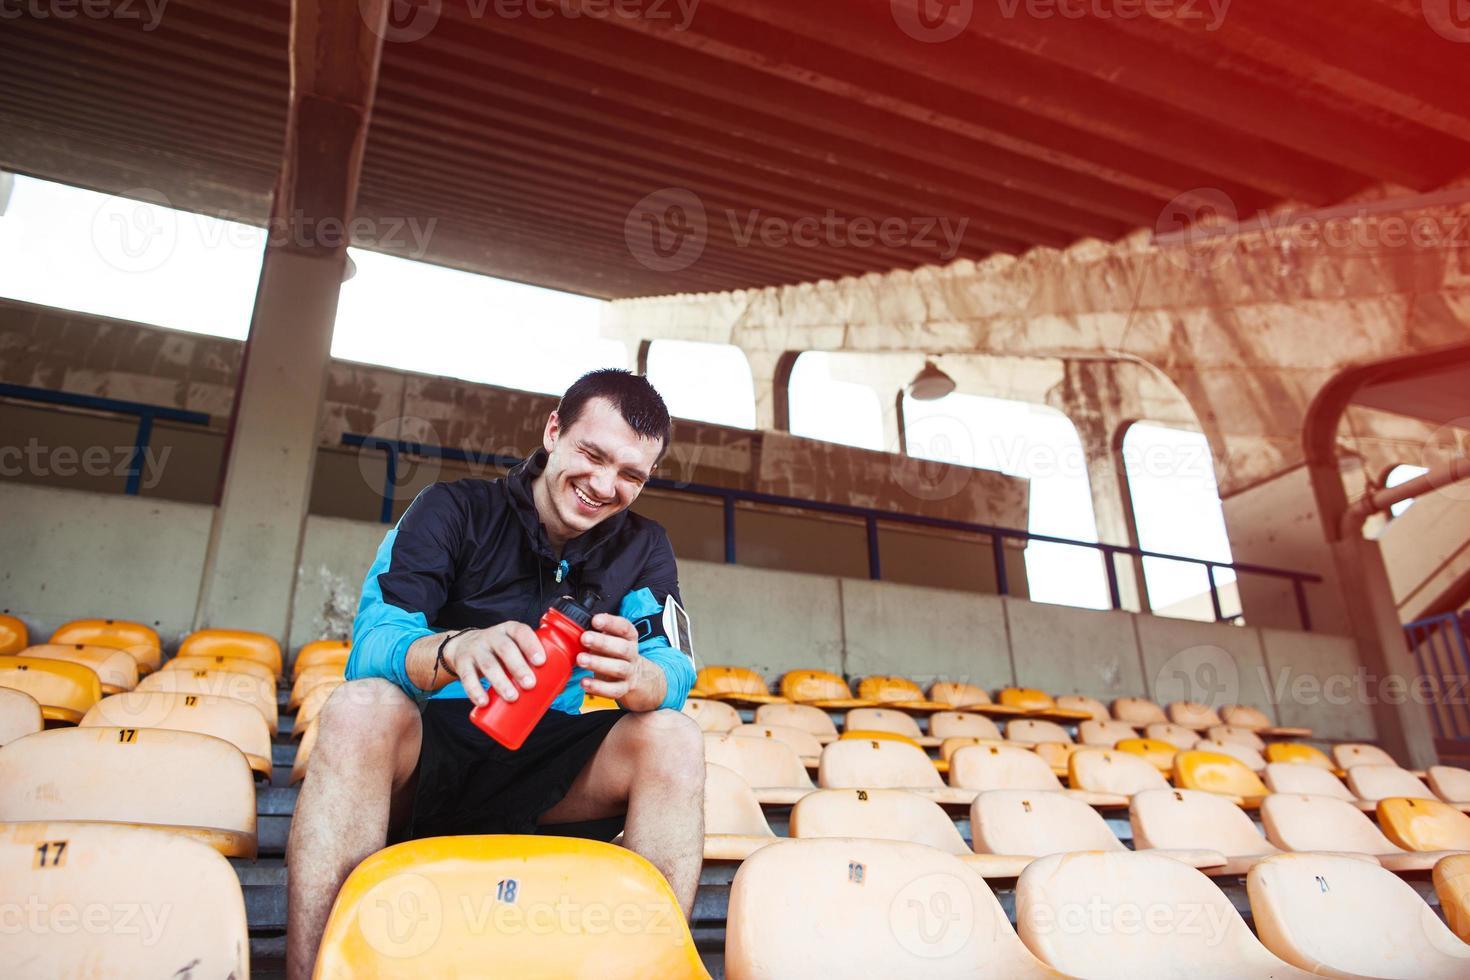 esportista sentado no estádio foto